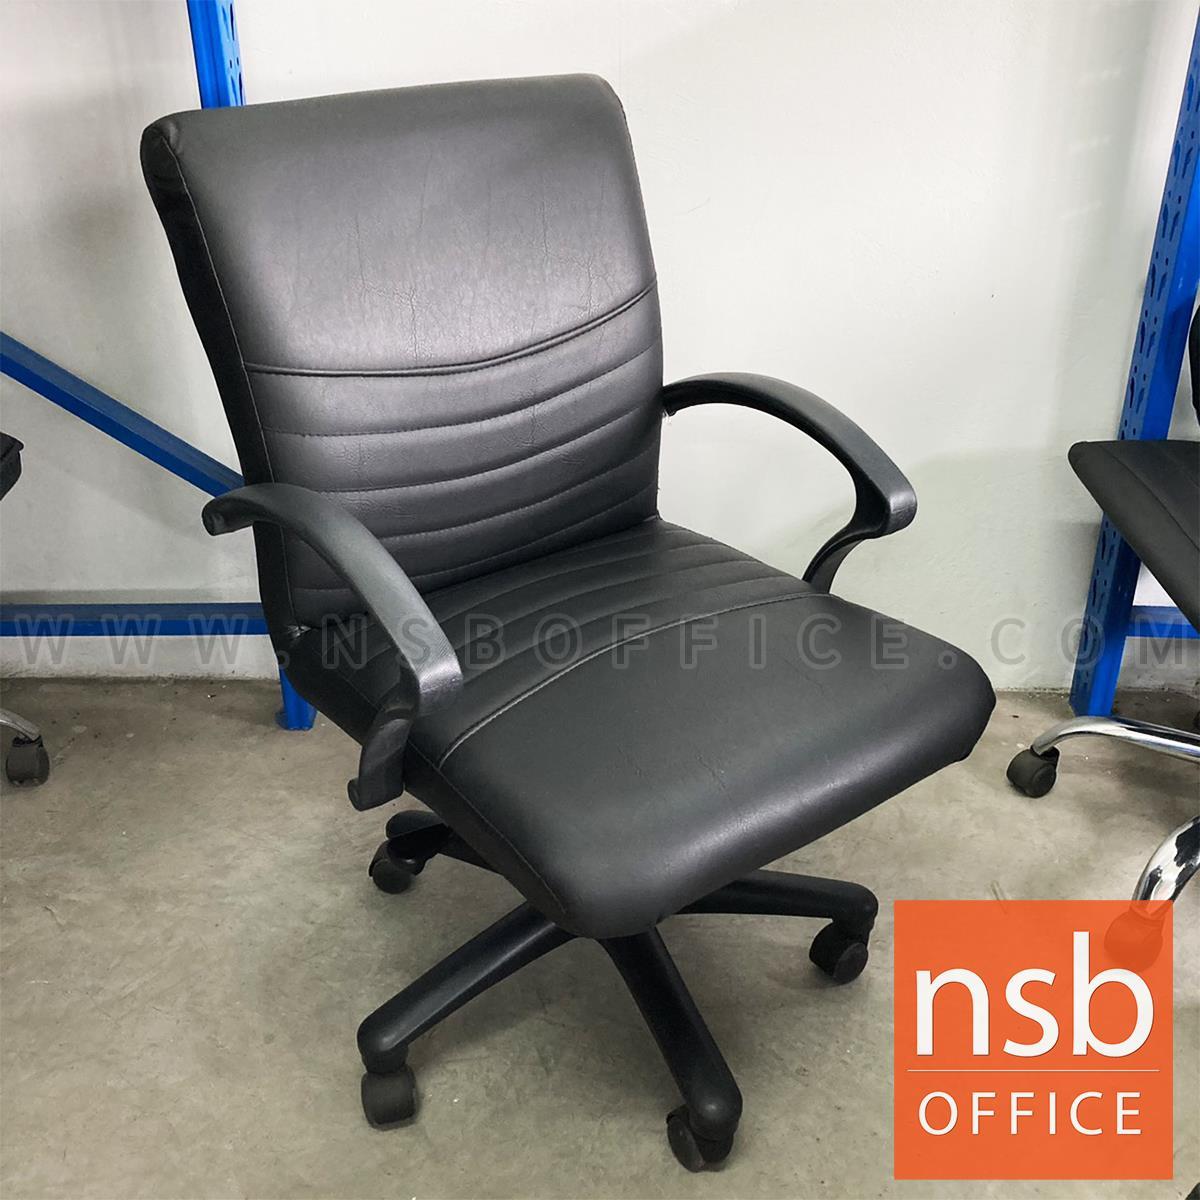 L02A383:เก้าอี้ทำงาน    ขาพลาสติก